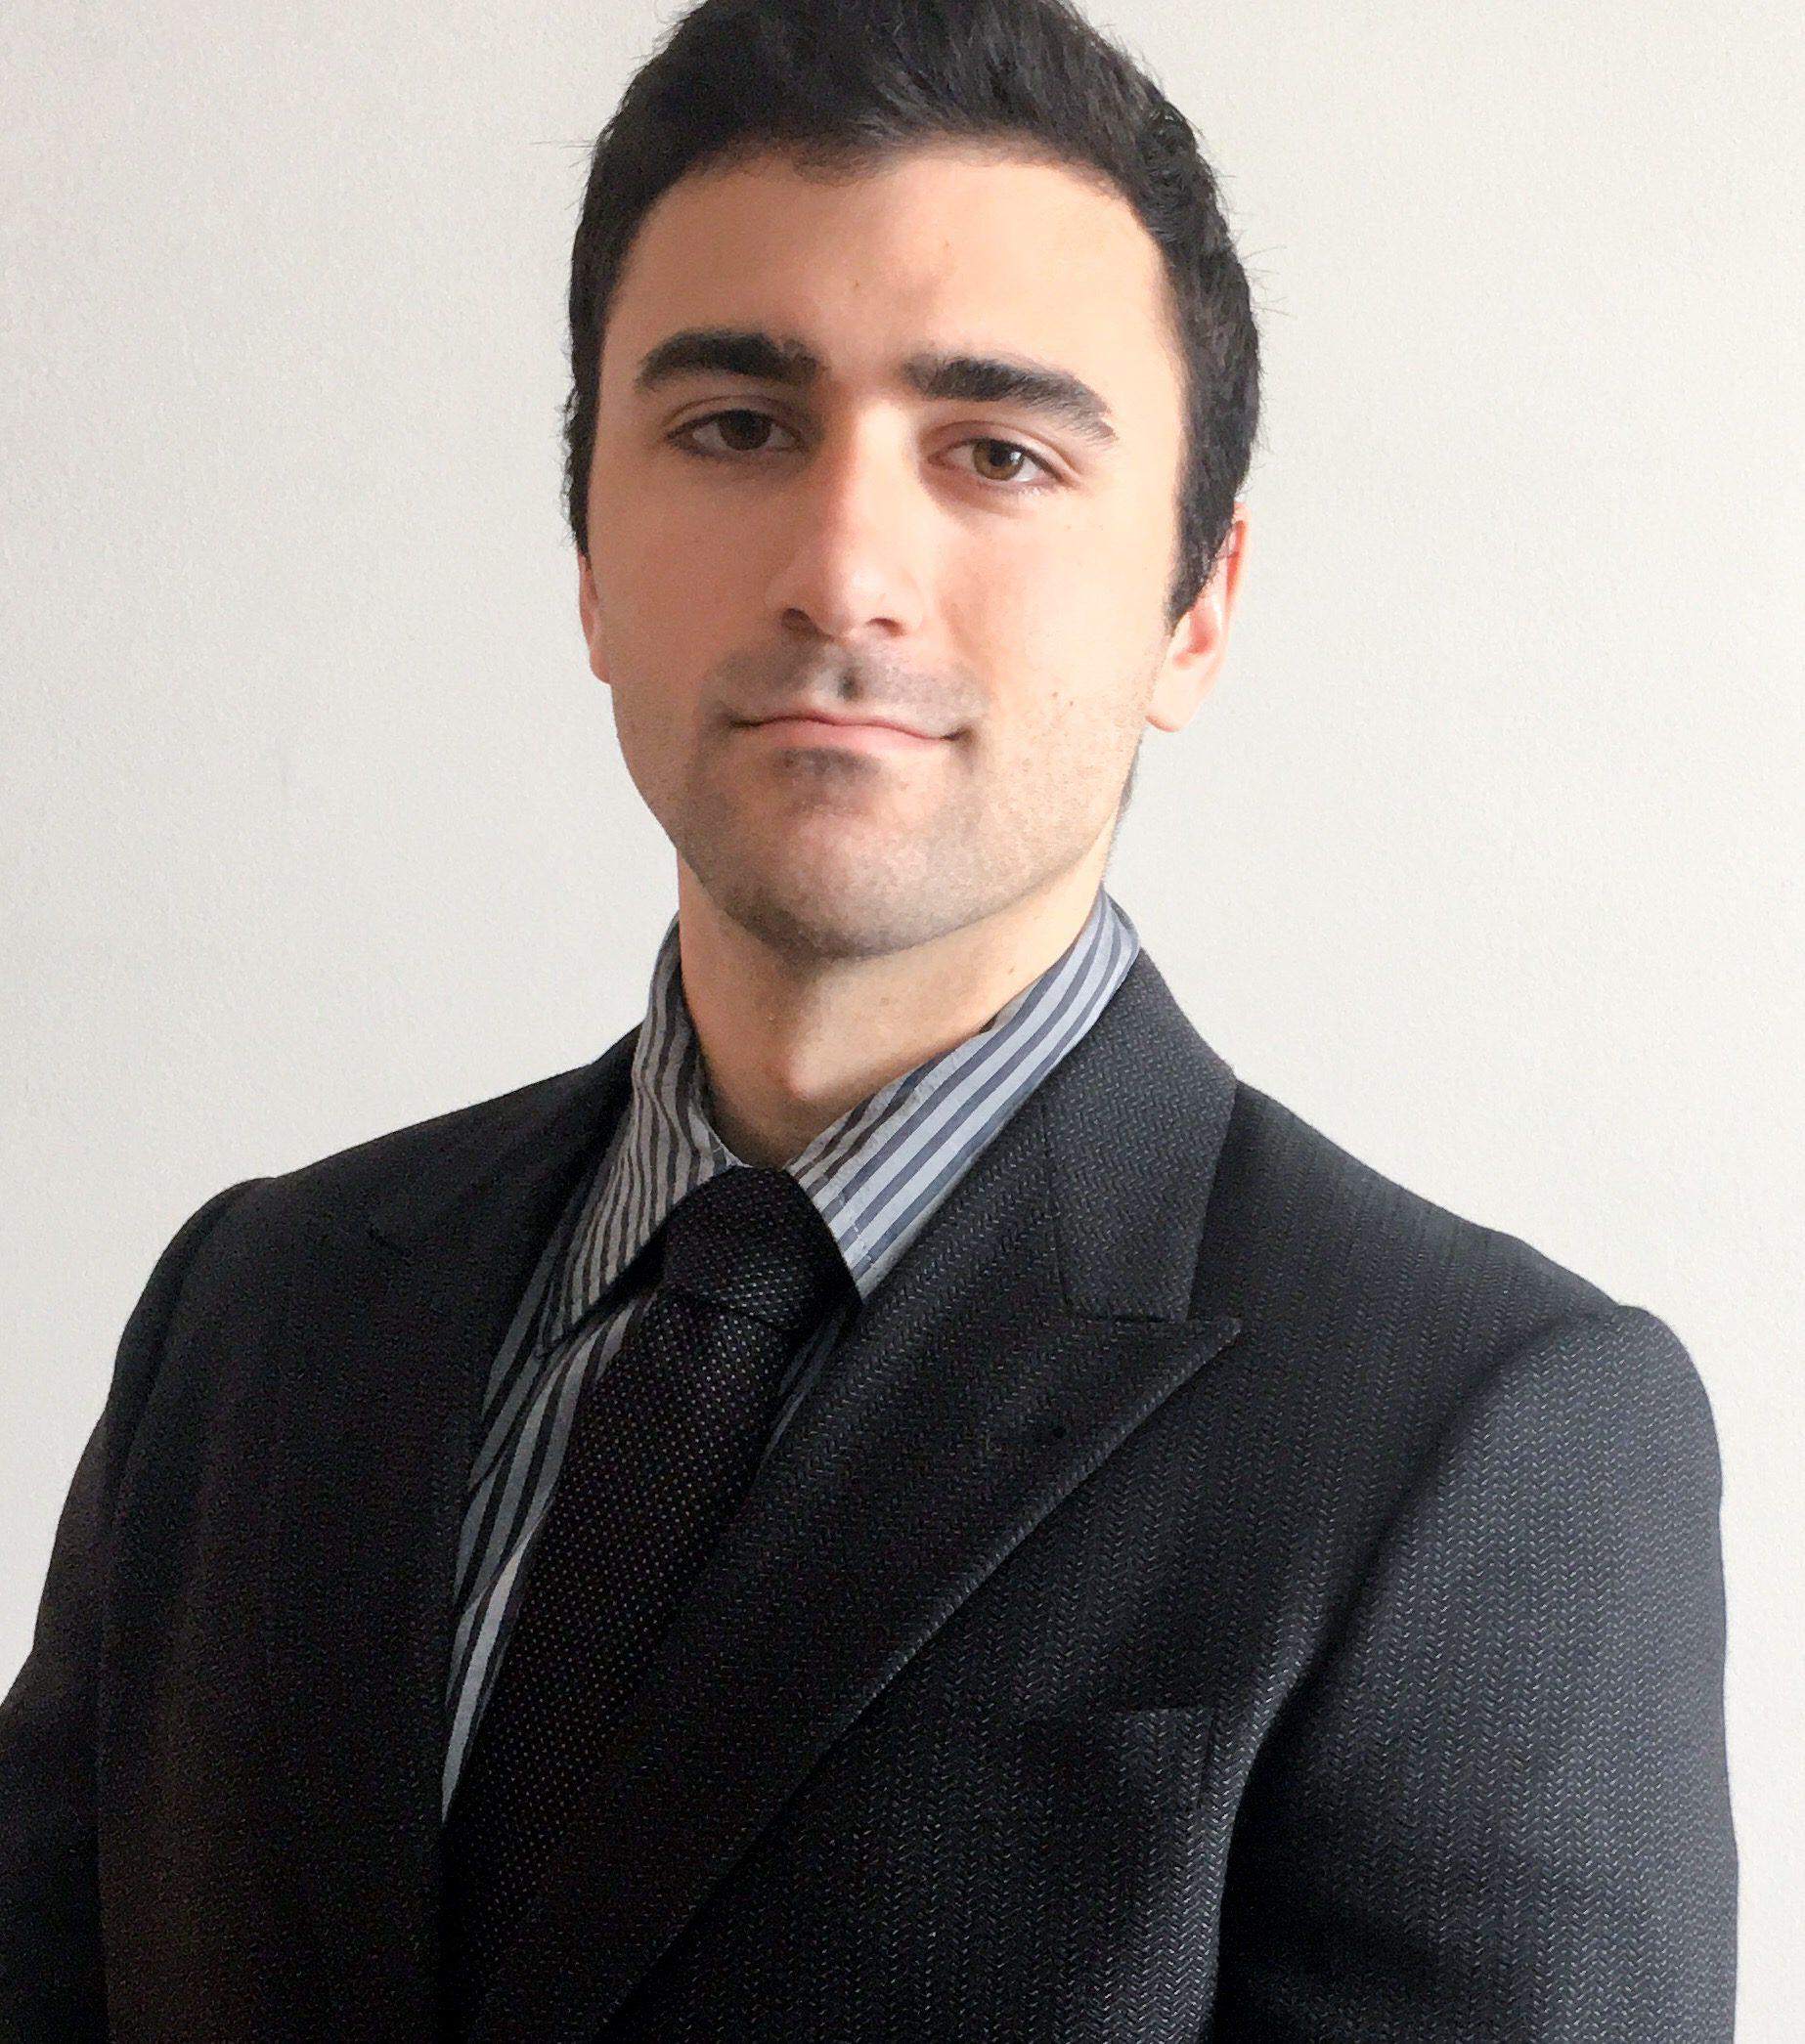 Tarek Nabulsi